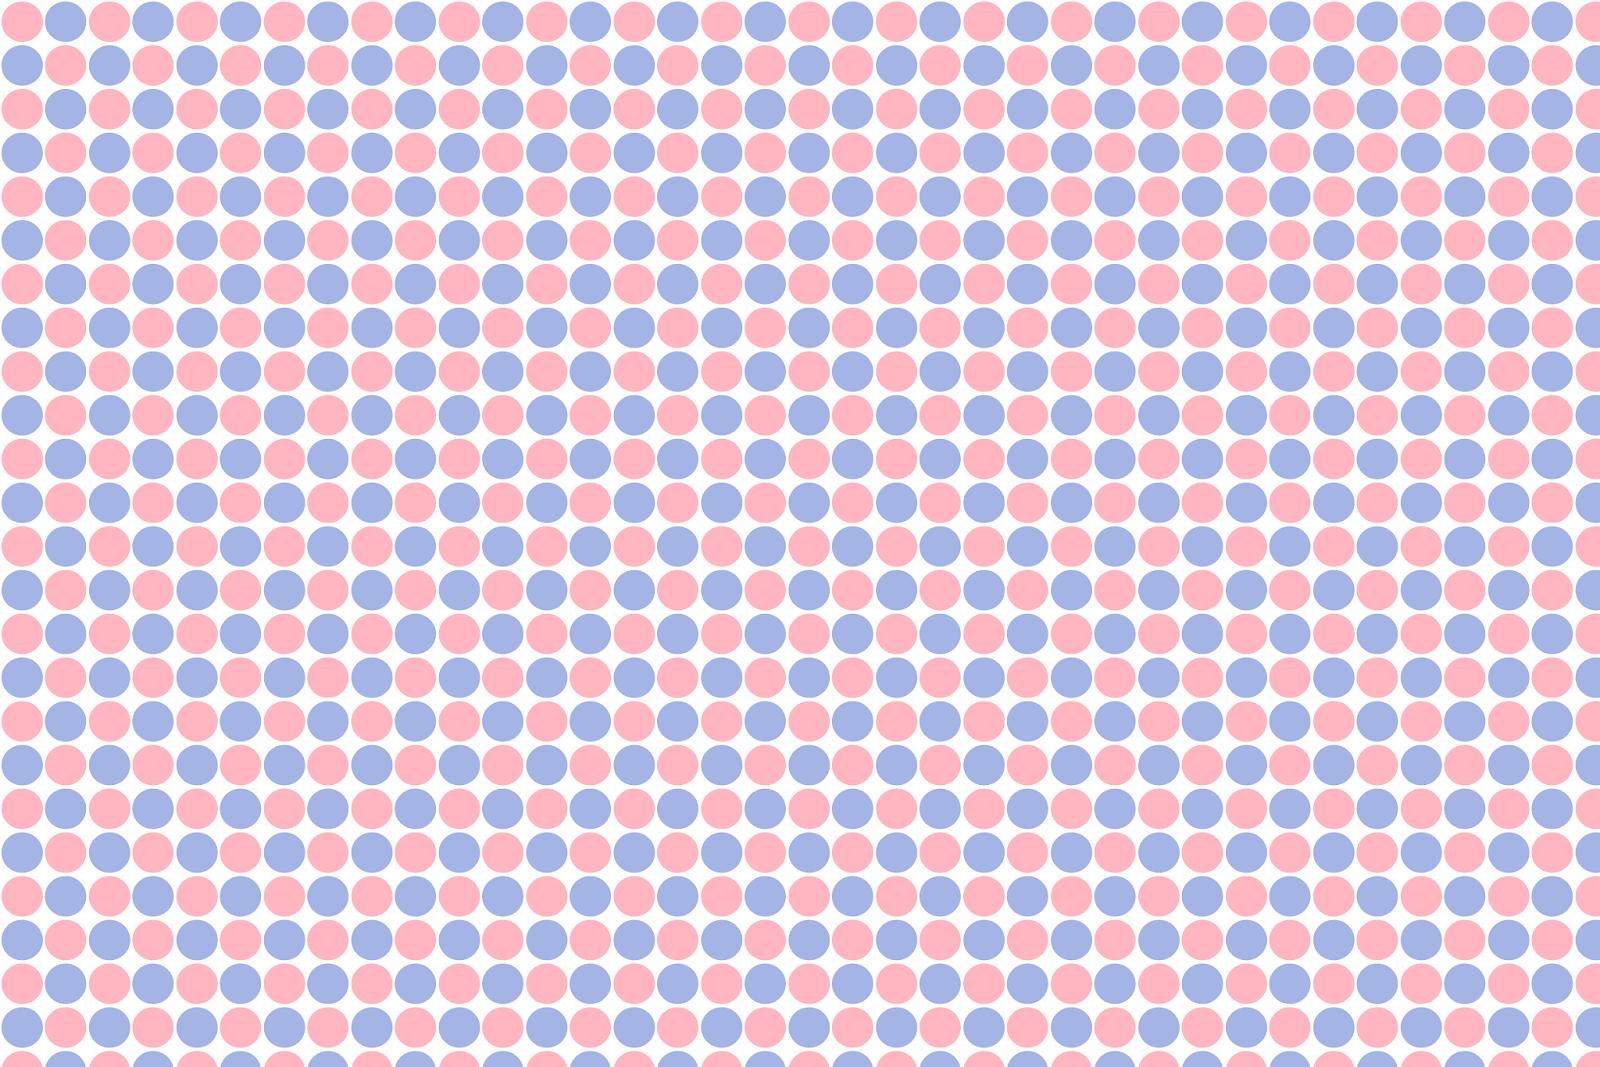 baixar, baixar grátis, fundo de poá, azul, rosa